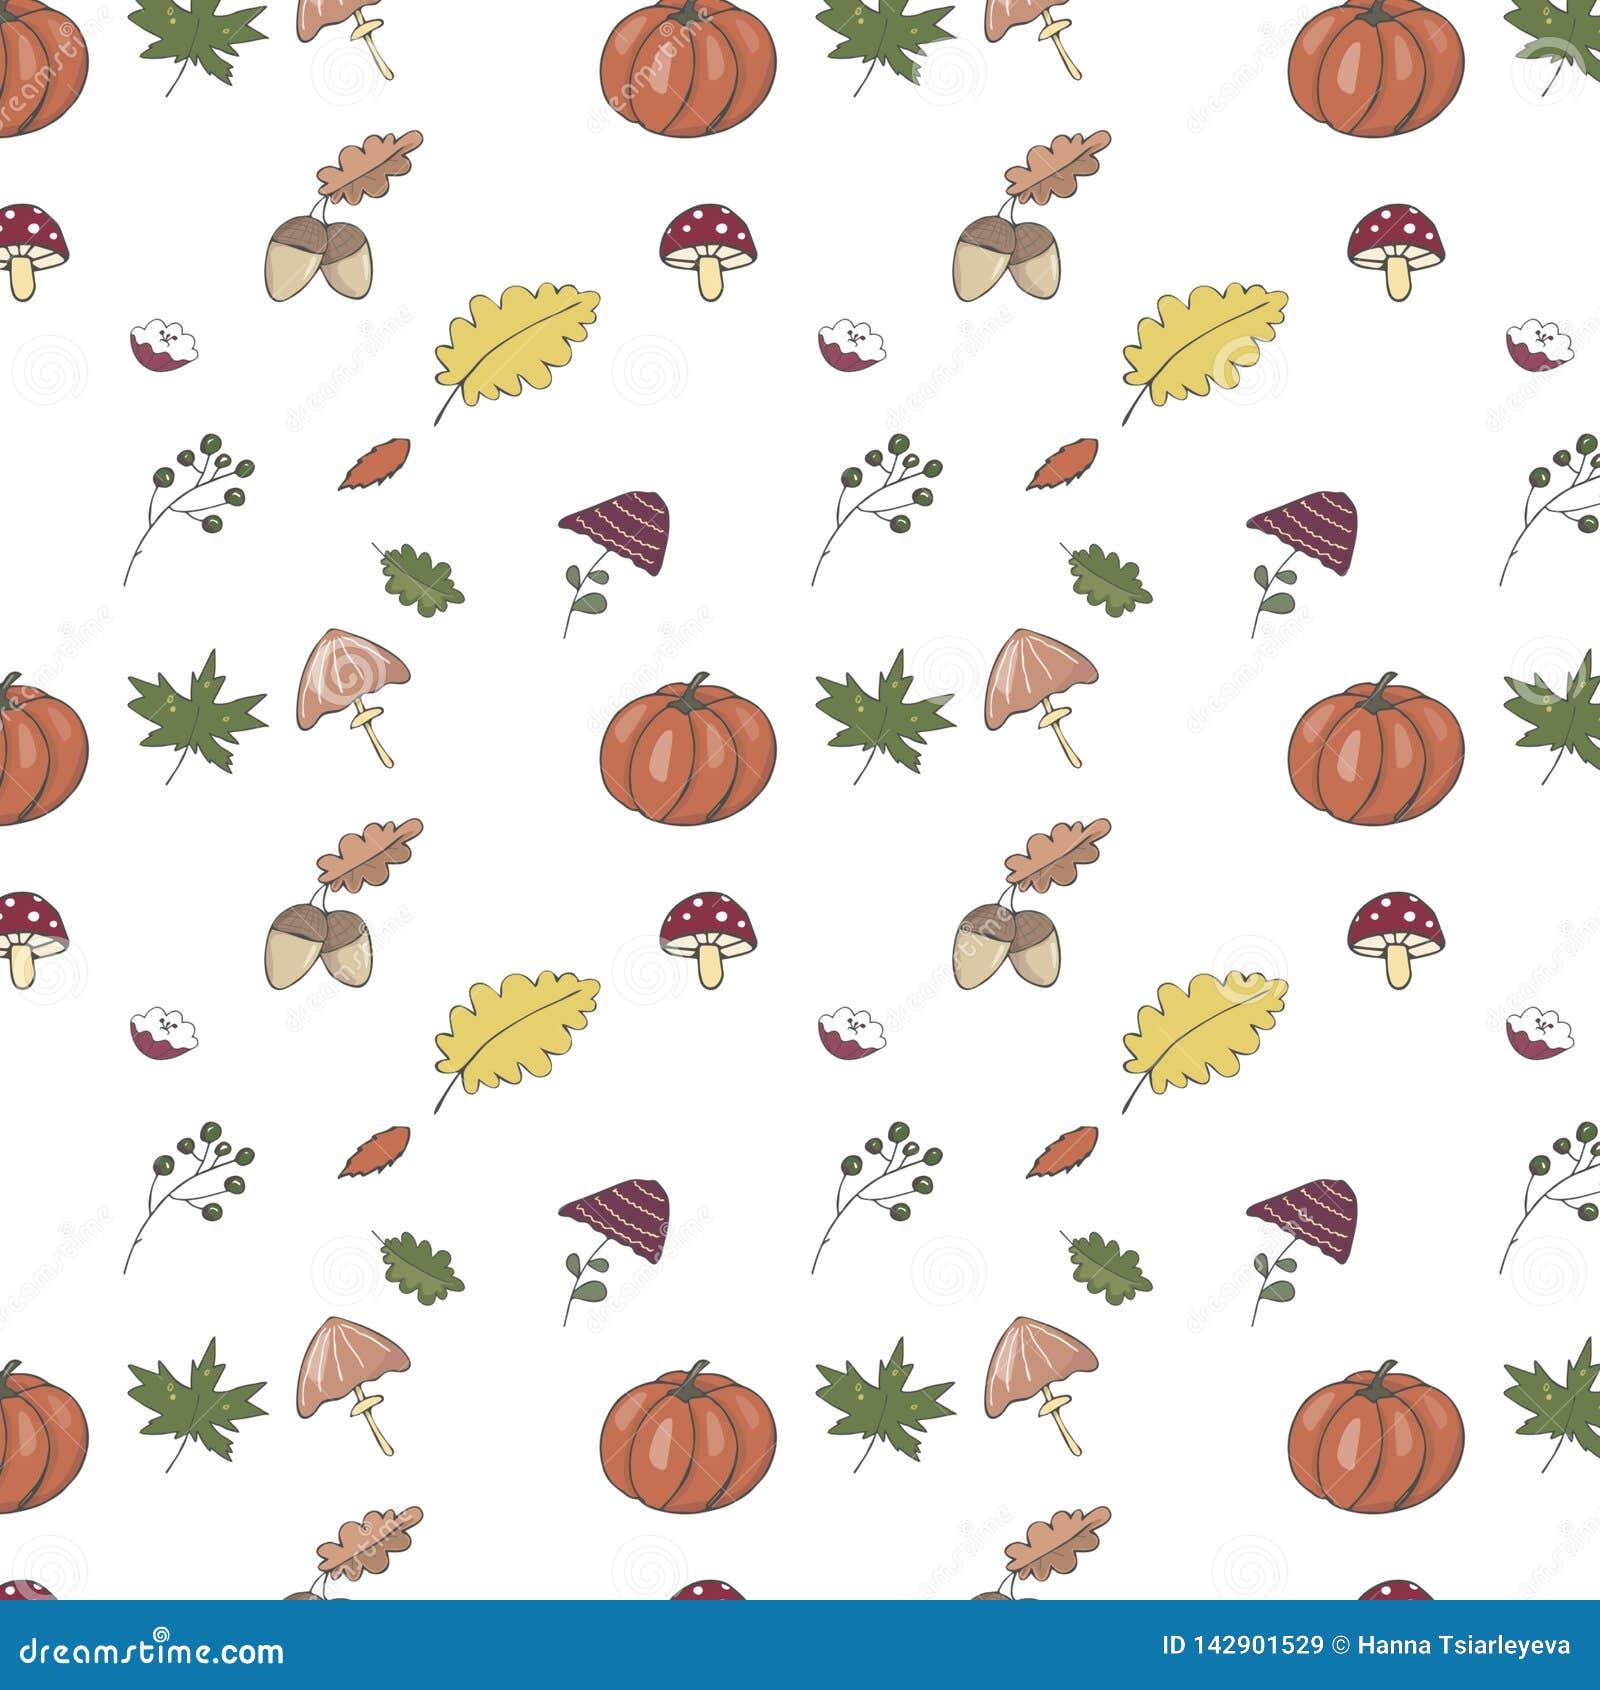 Χαριτωμένο σχέδιο με την πορτοκαλιά κολοκύθα, κίτρινα φύλλα, μανιτάρια, πράσινο φύλλο, καρύδι, βαλανιδιά, βελανίδι Για την εποχή